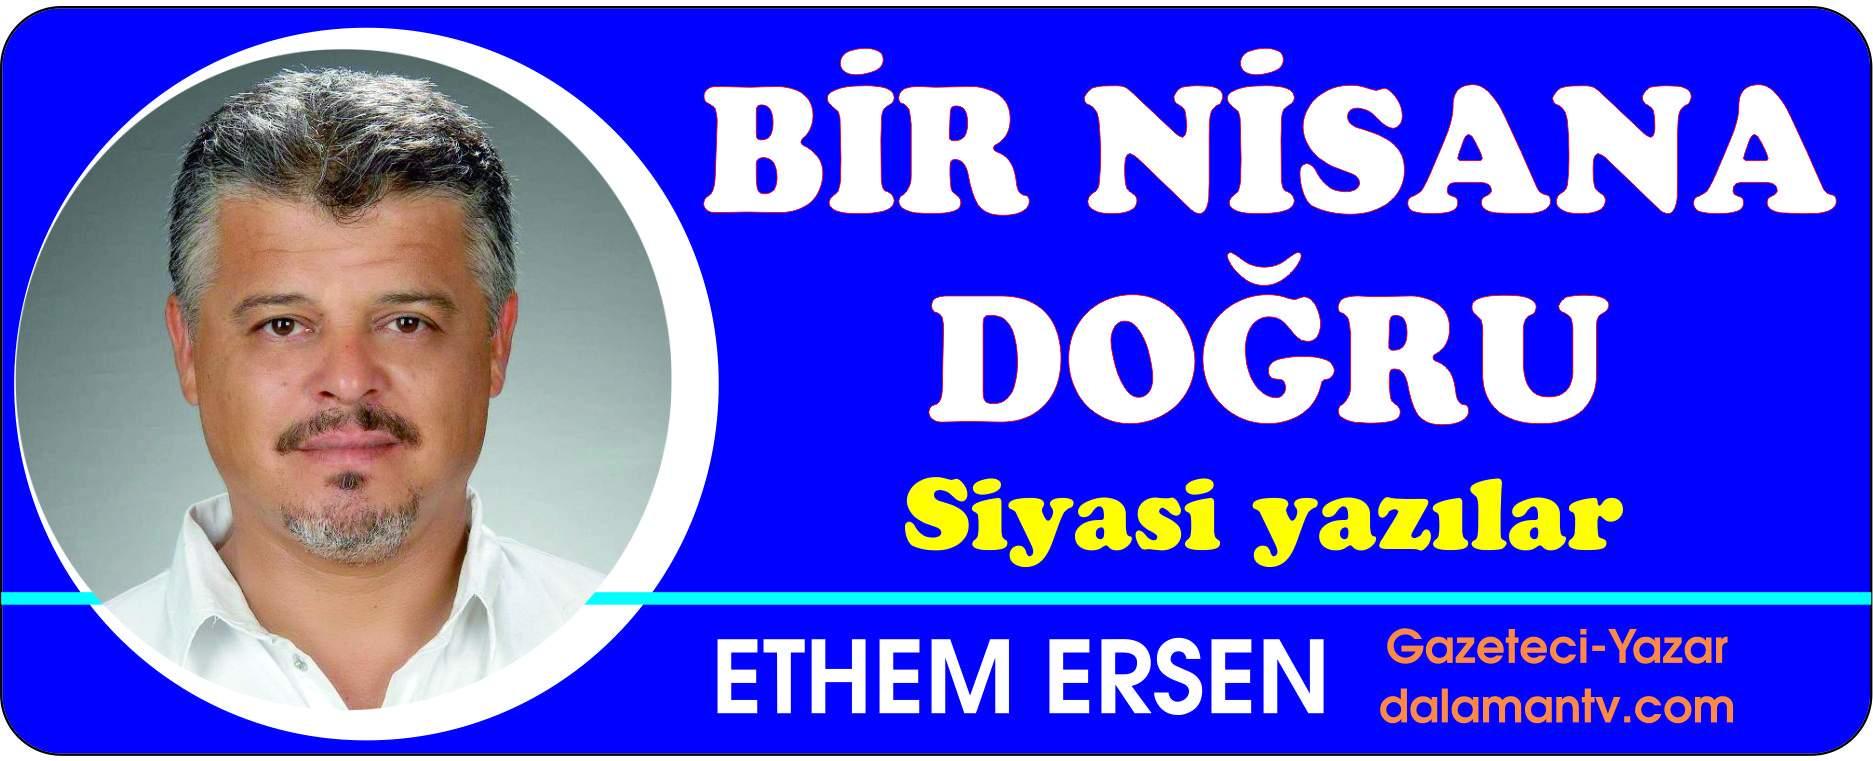 DALAMAN'DAKİ MECLİS ÜYELERİ ADAYLARINA İLK BAKIŞ-1-CUMHUR İTTİFAKI